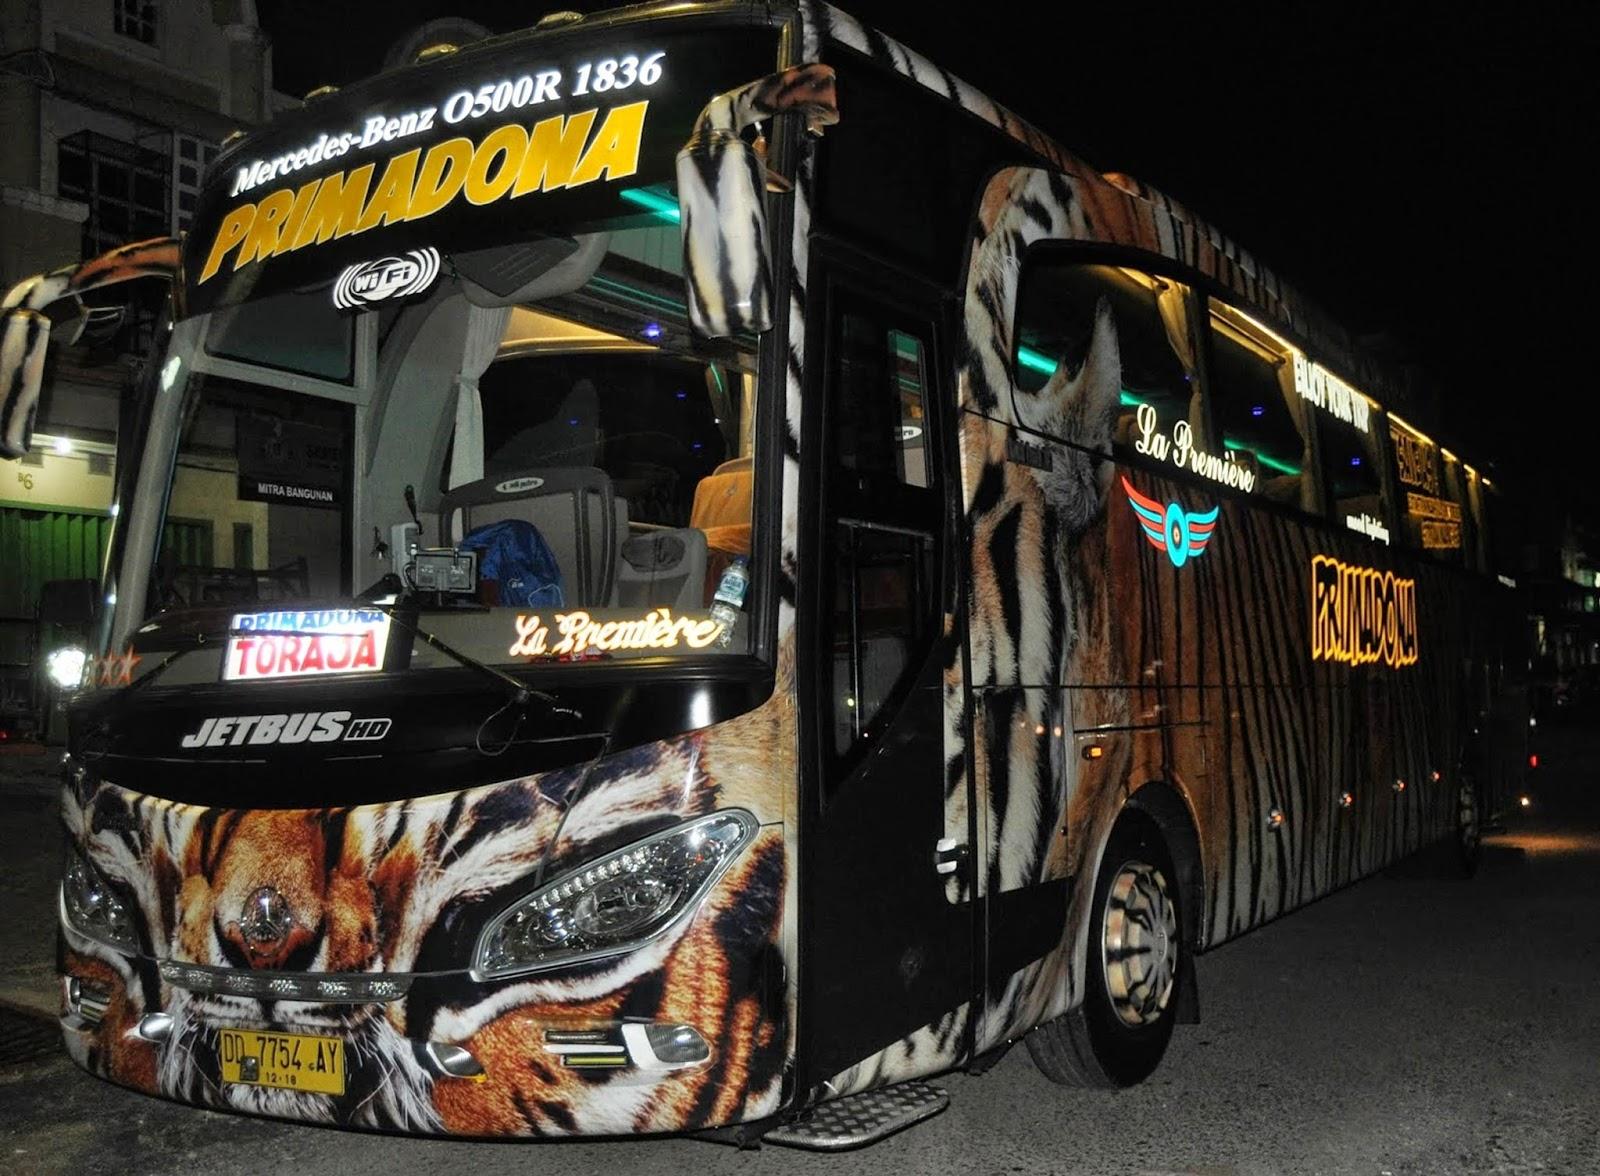 Daftar  Alamat Dan Nomor Telpon Bus Tujuan Toraja